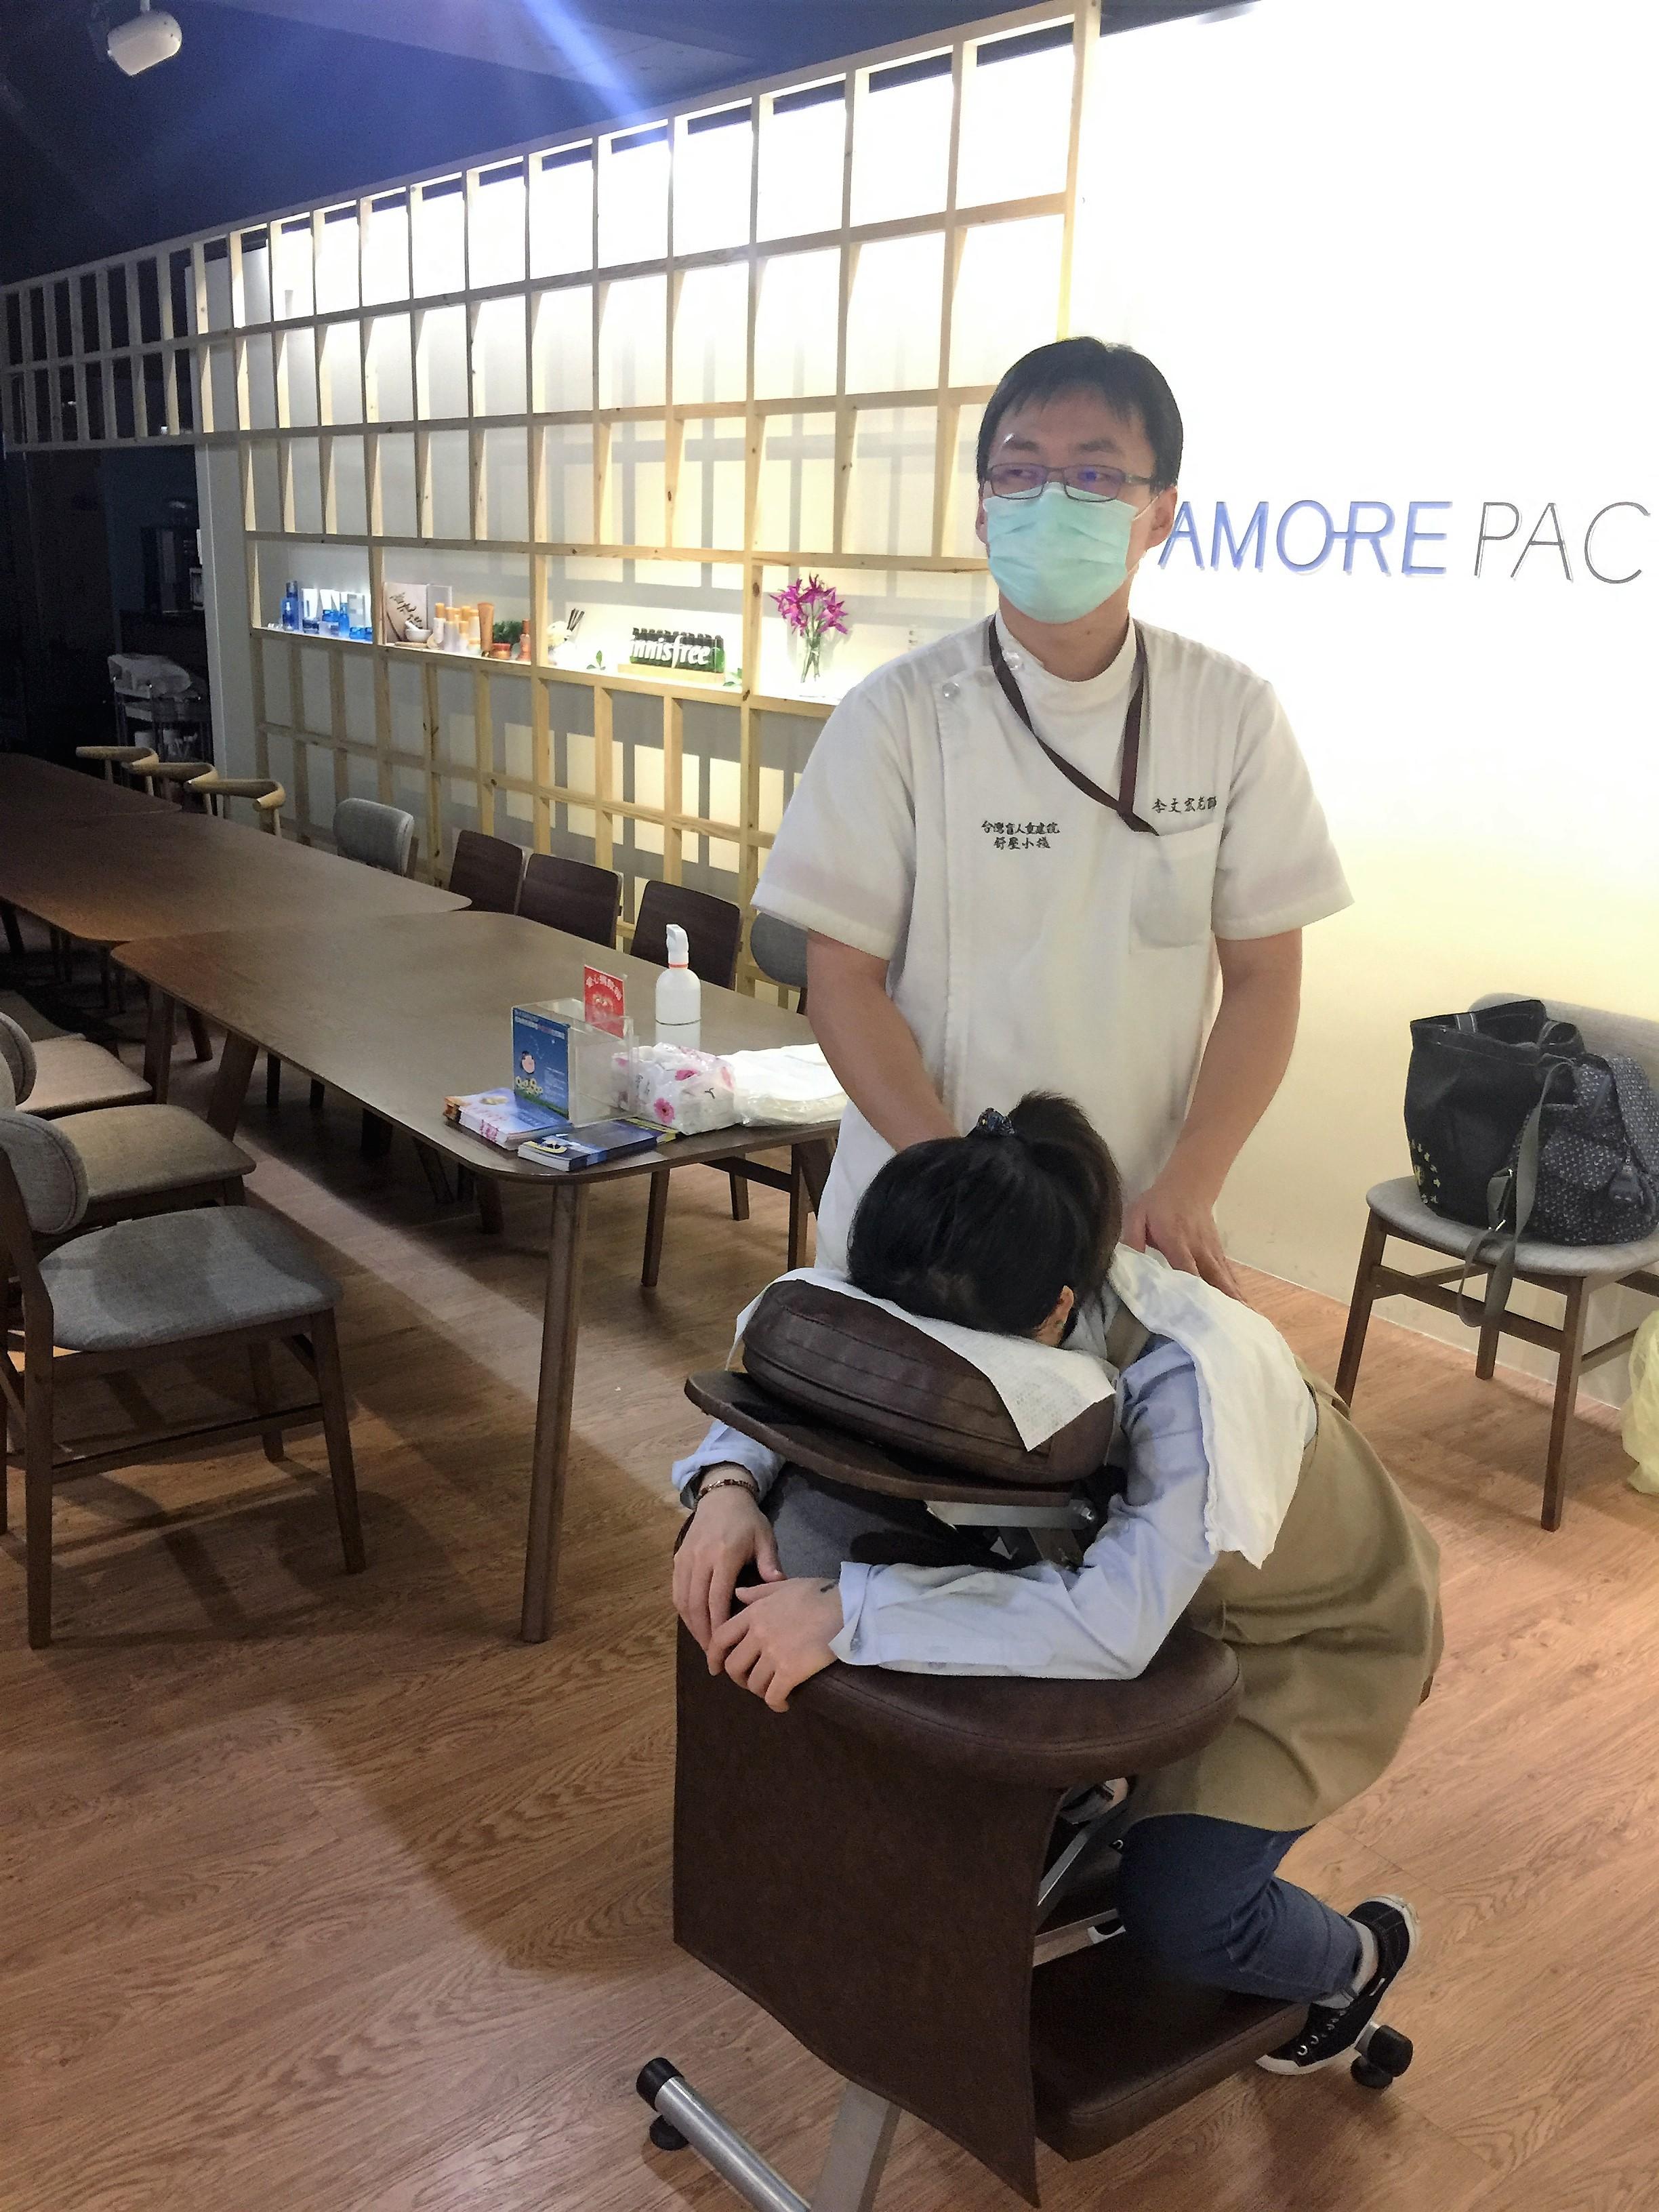 愛茉莉太平洋股份有限公司員工紓壓照片-李文宏按摩師